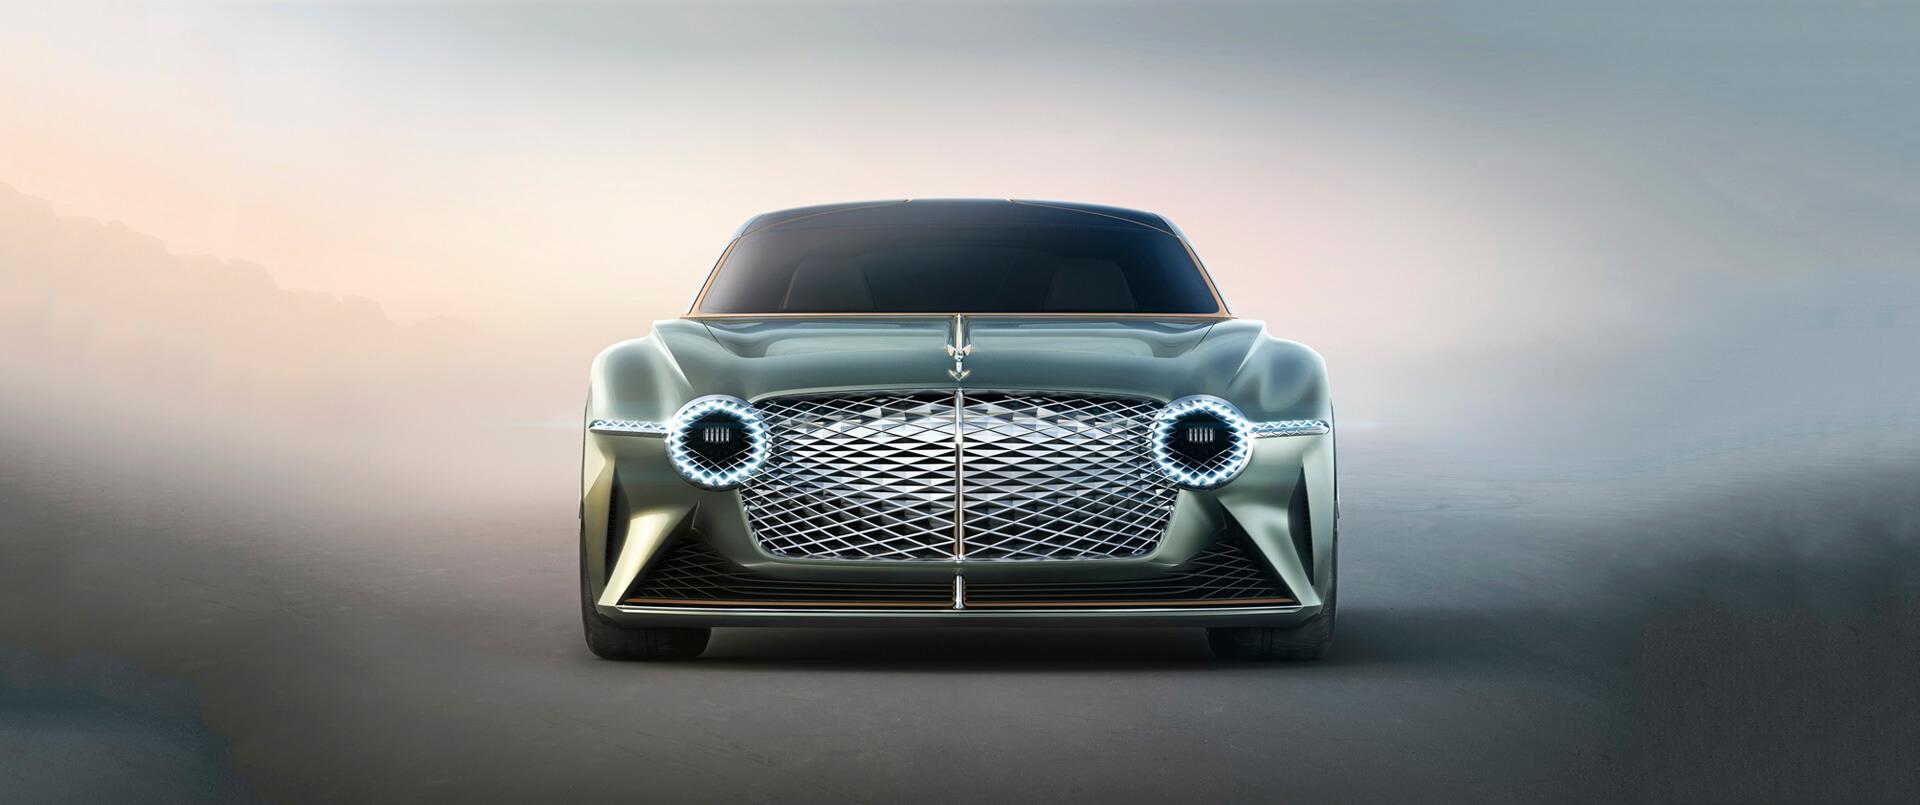 Official Bentley Motors website | Powerful, handcrafted